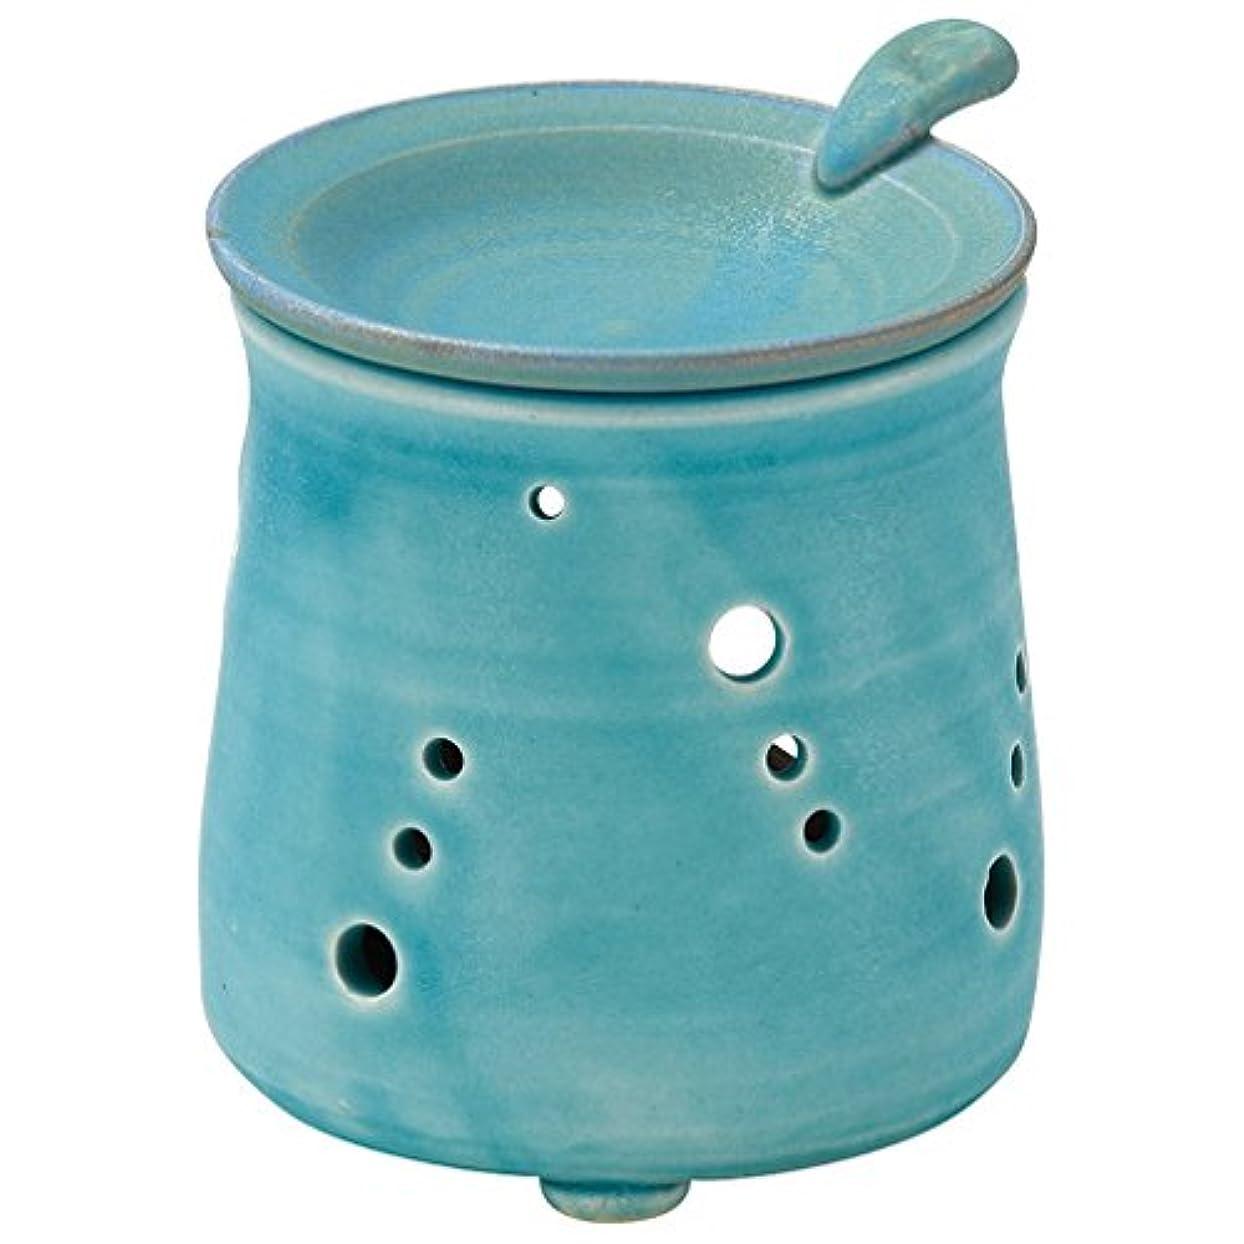 鷲ニコチン評価する山下工芸 常滑焼 山田トルコブルー茶香炉 10×9.5×9.5cm 13045690